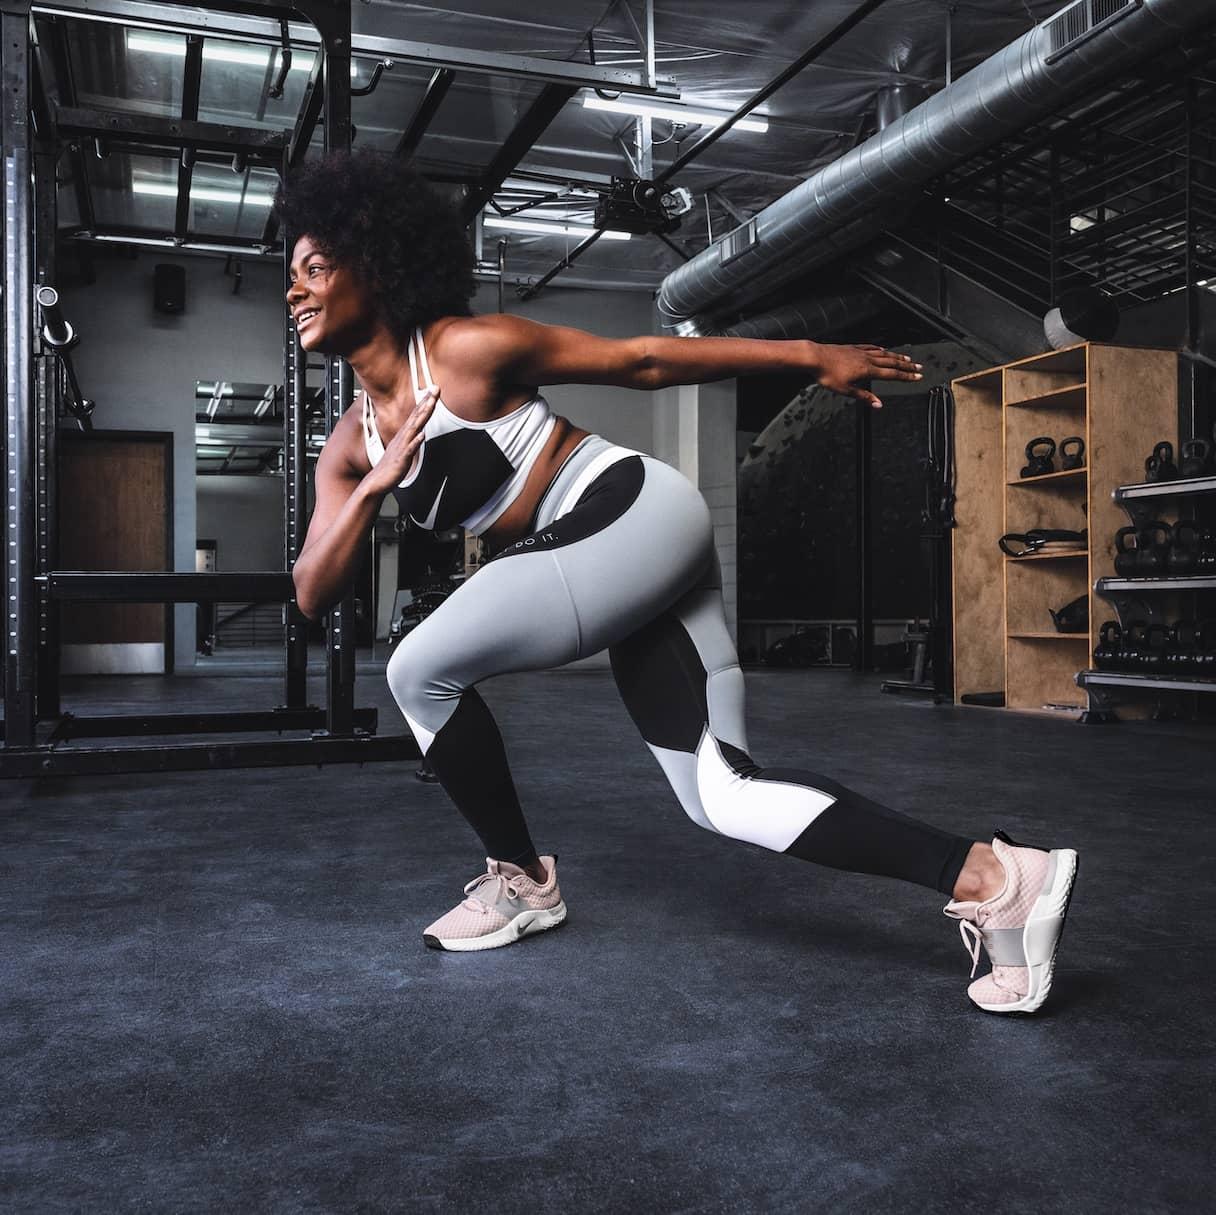 Chaussures de cross-training: caractéristiques et conseils d'achat